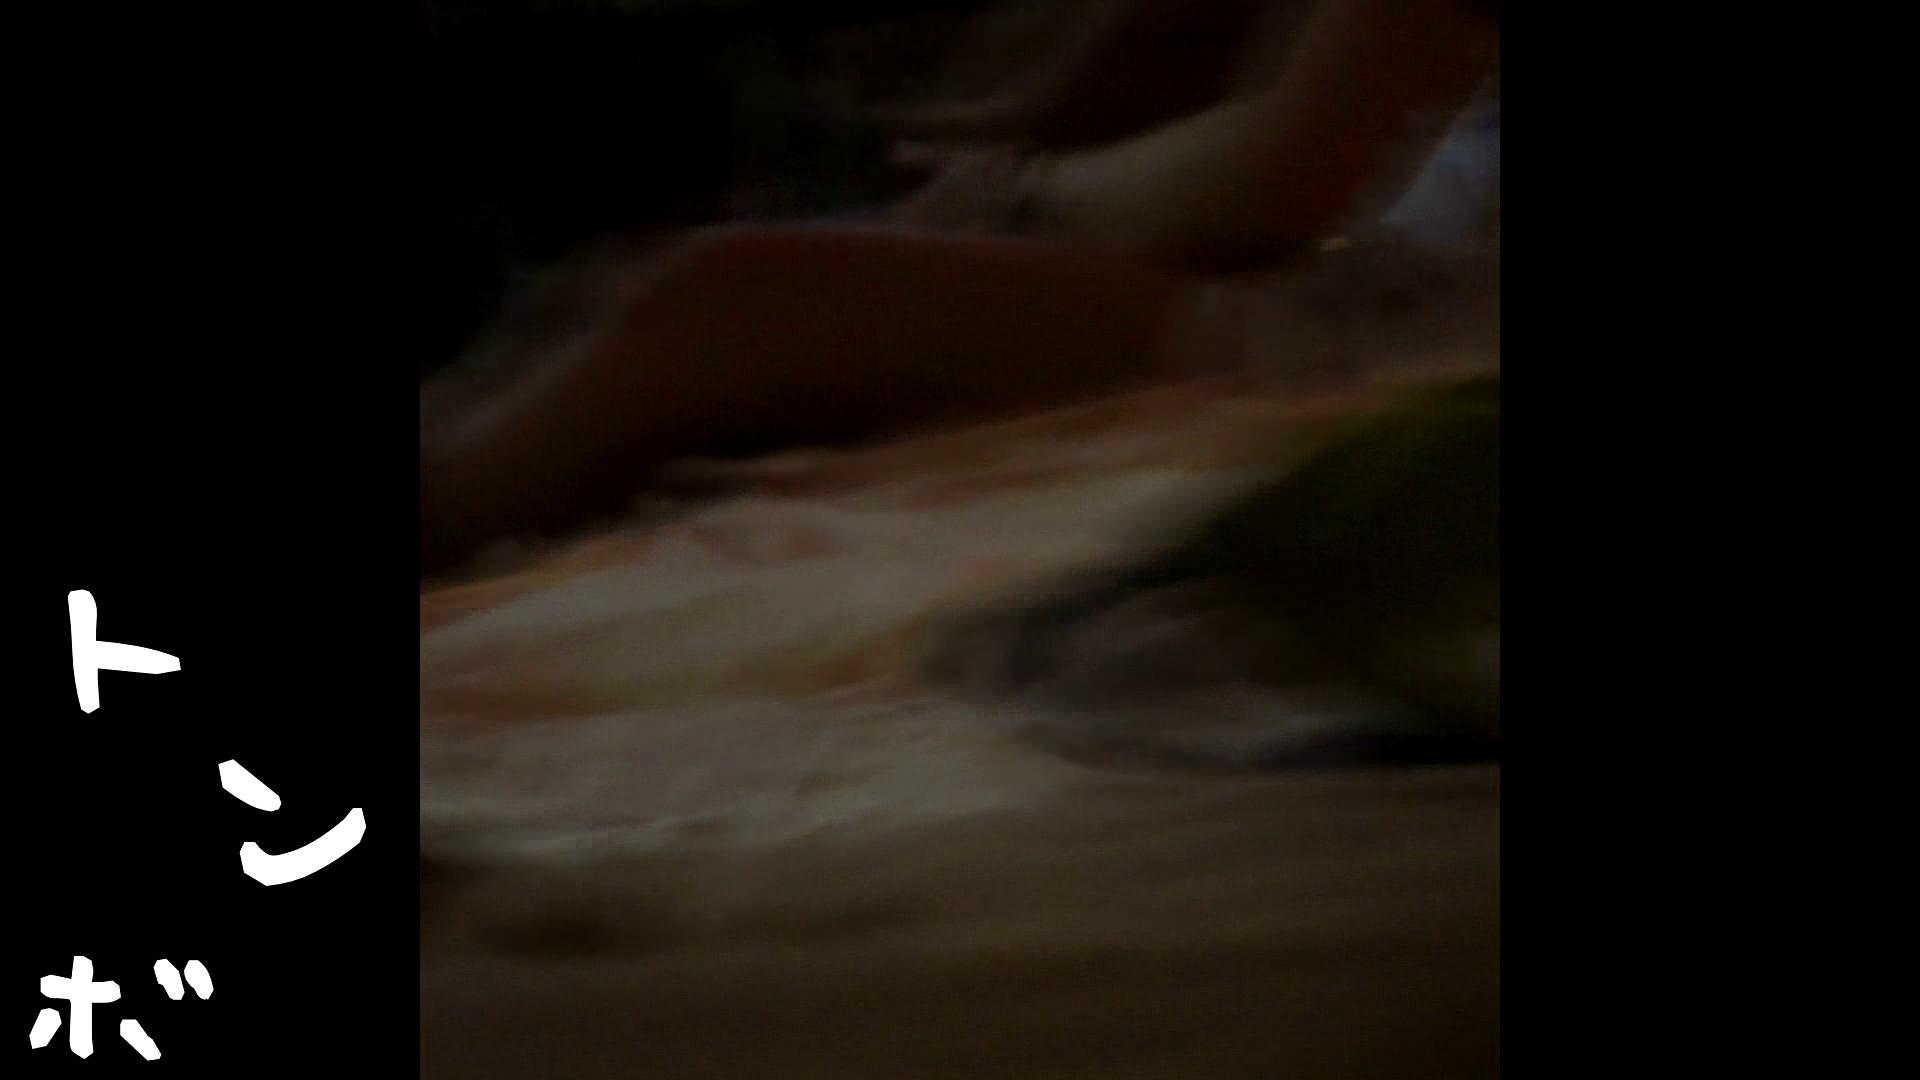 リアル盗撮 むっちりお女市さんの私生活ヌード 盗撮 AV動画キャプチャ 61pic 27